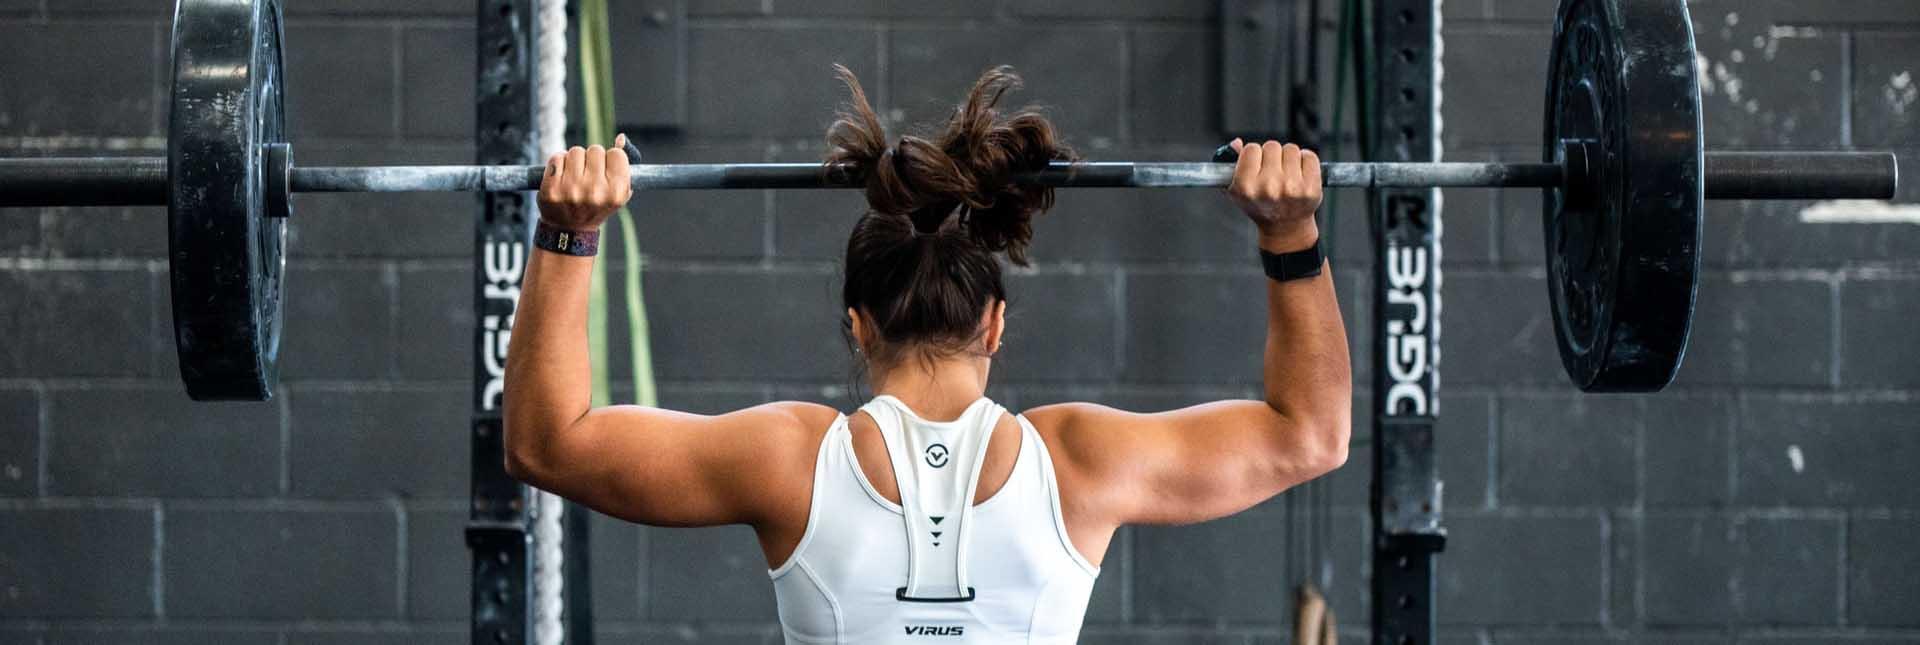 Unisport - Psicología deportiva en usuarios del gimnasio